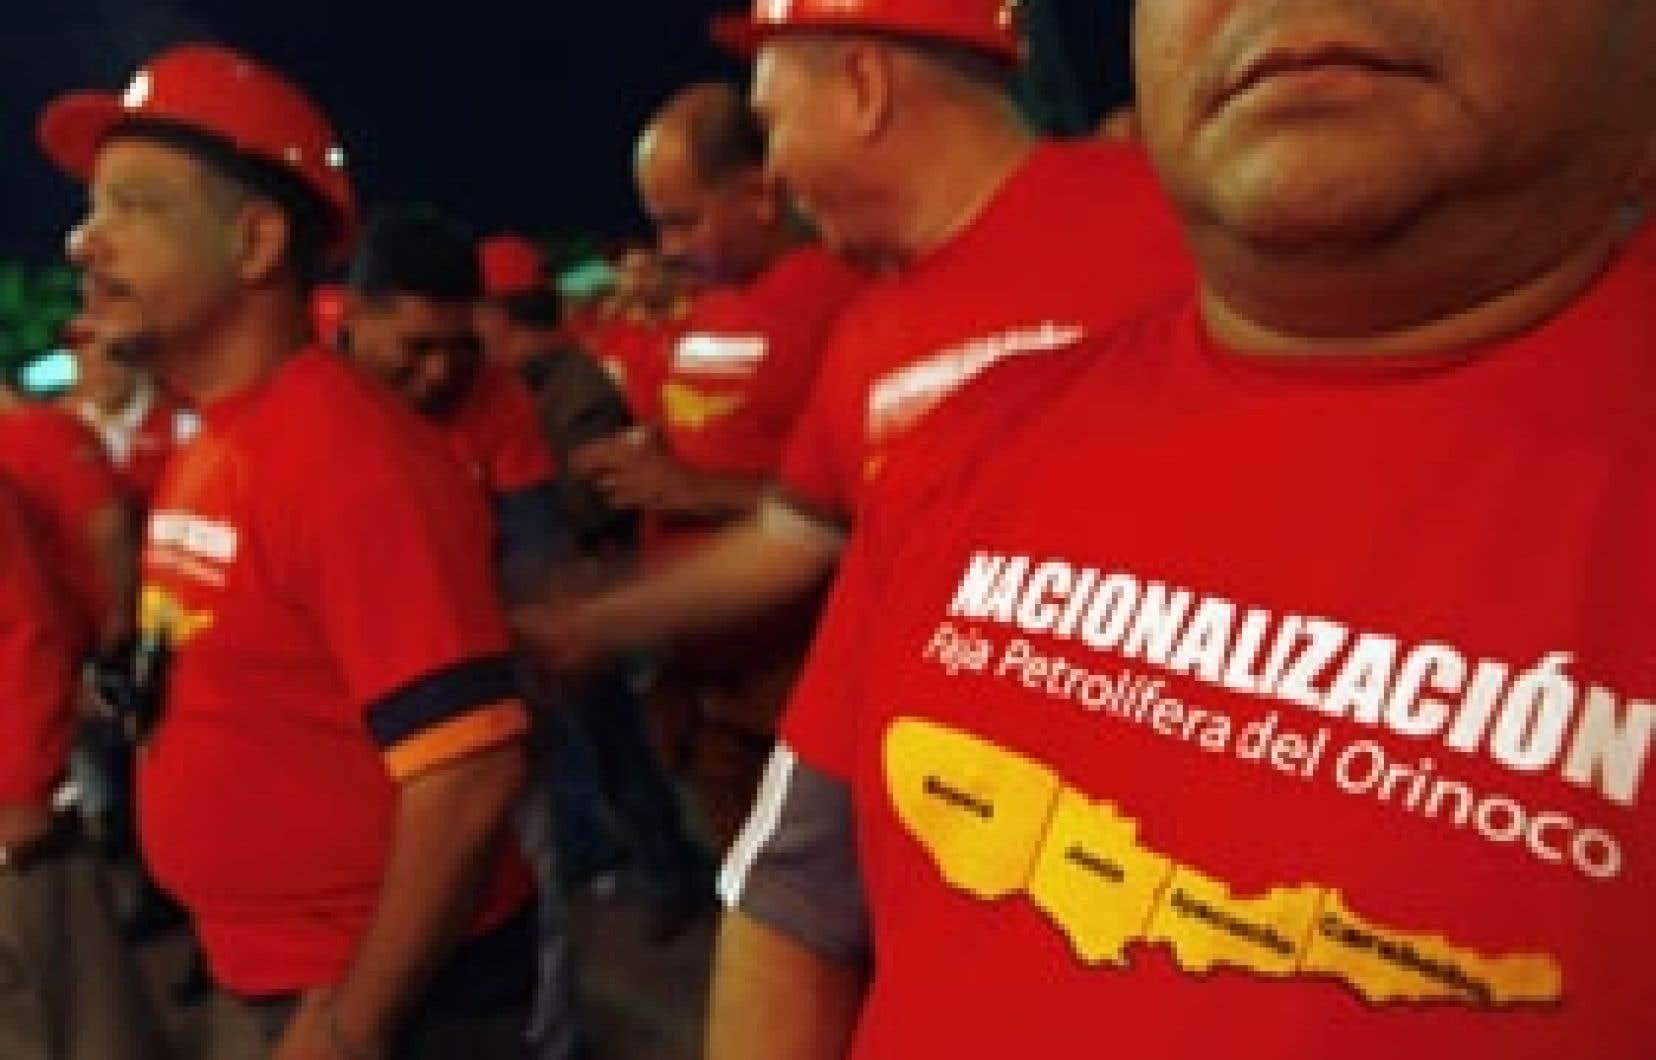 Des ouvriers appuyés par des militaires ont pris à l'aube le contrôle opérationnel du complexe de José, à 250 km à l'est de Caracas, «des installations qui nous avaient été usurpées par les capitaux étrangers», a affirmé le ministre de